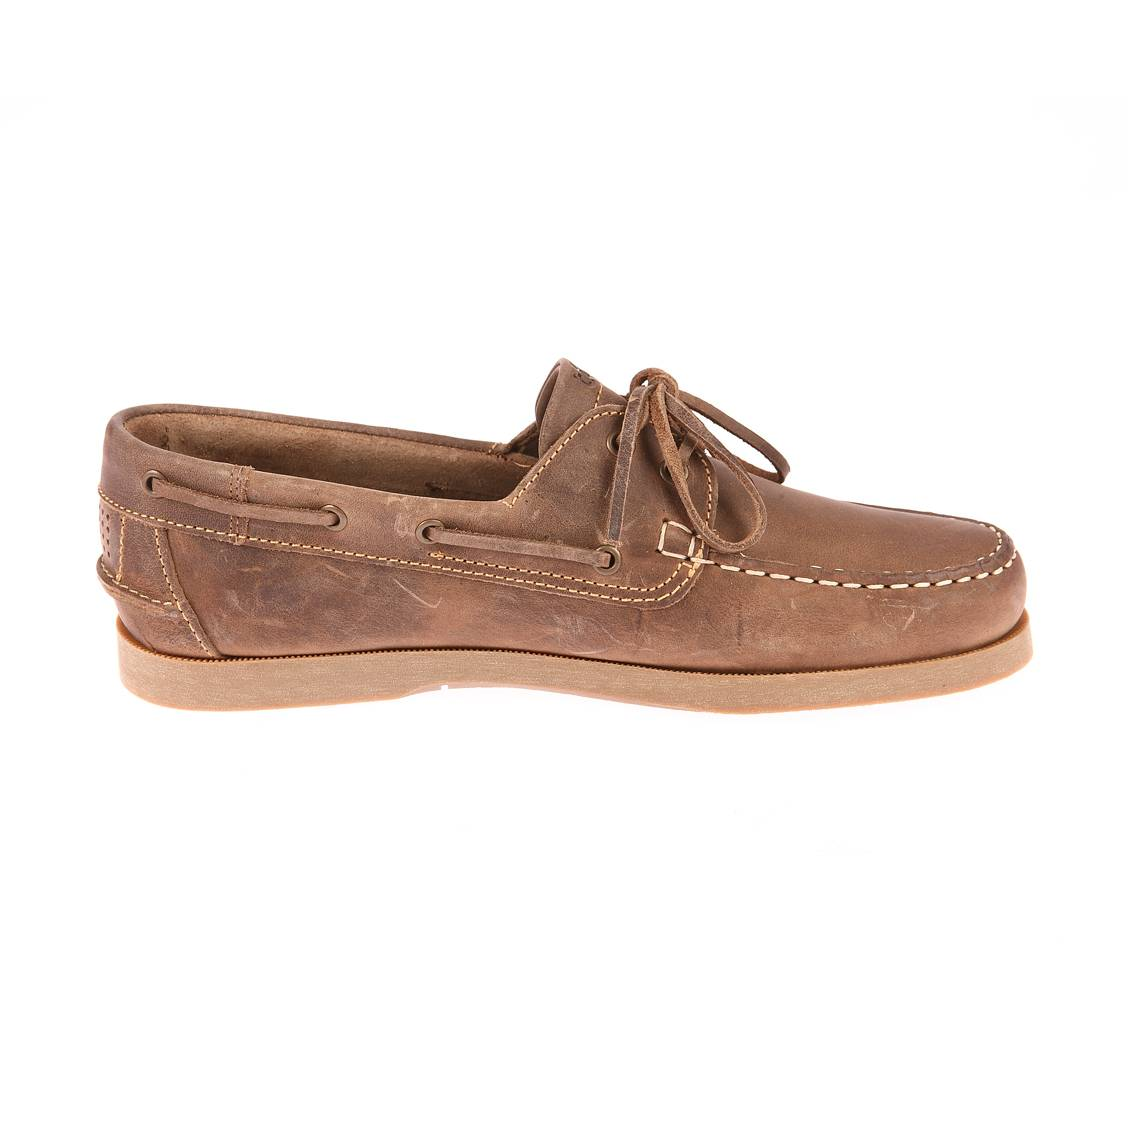 Chaussures bateau homme  phenis marron vieilli